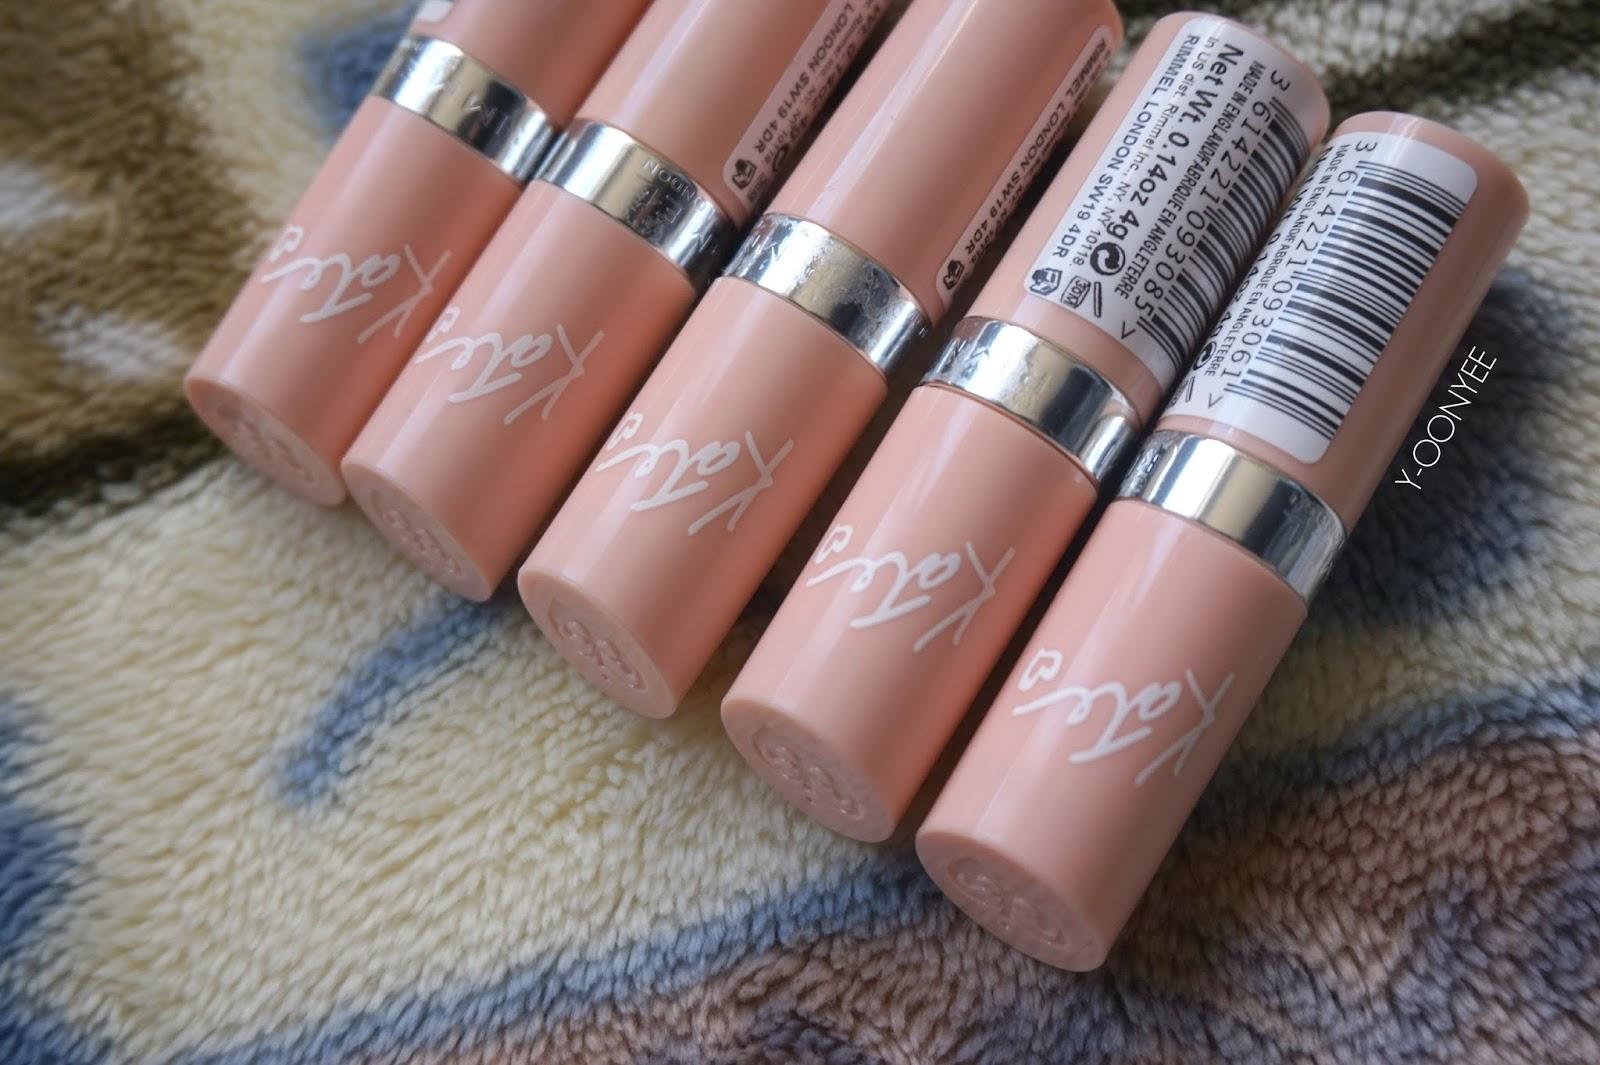 Rimmel provokativer nude Lippenstift